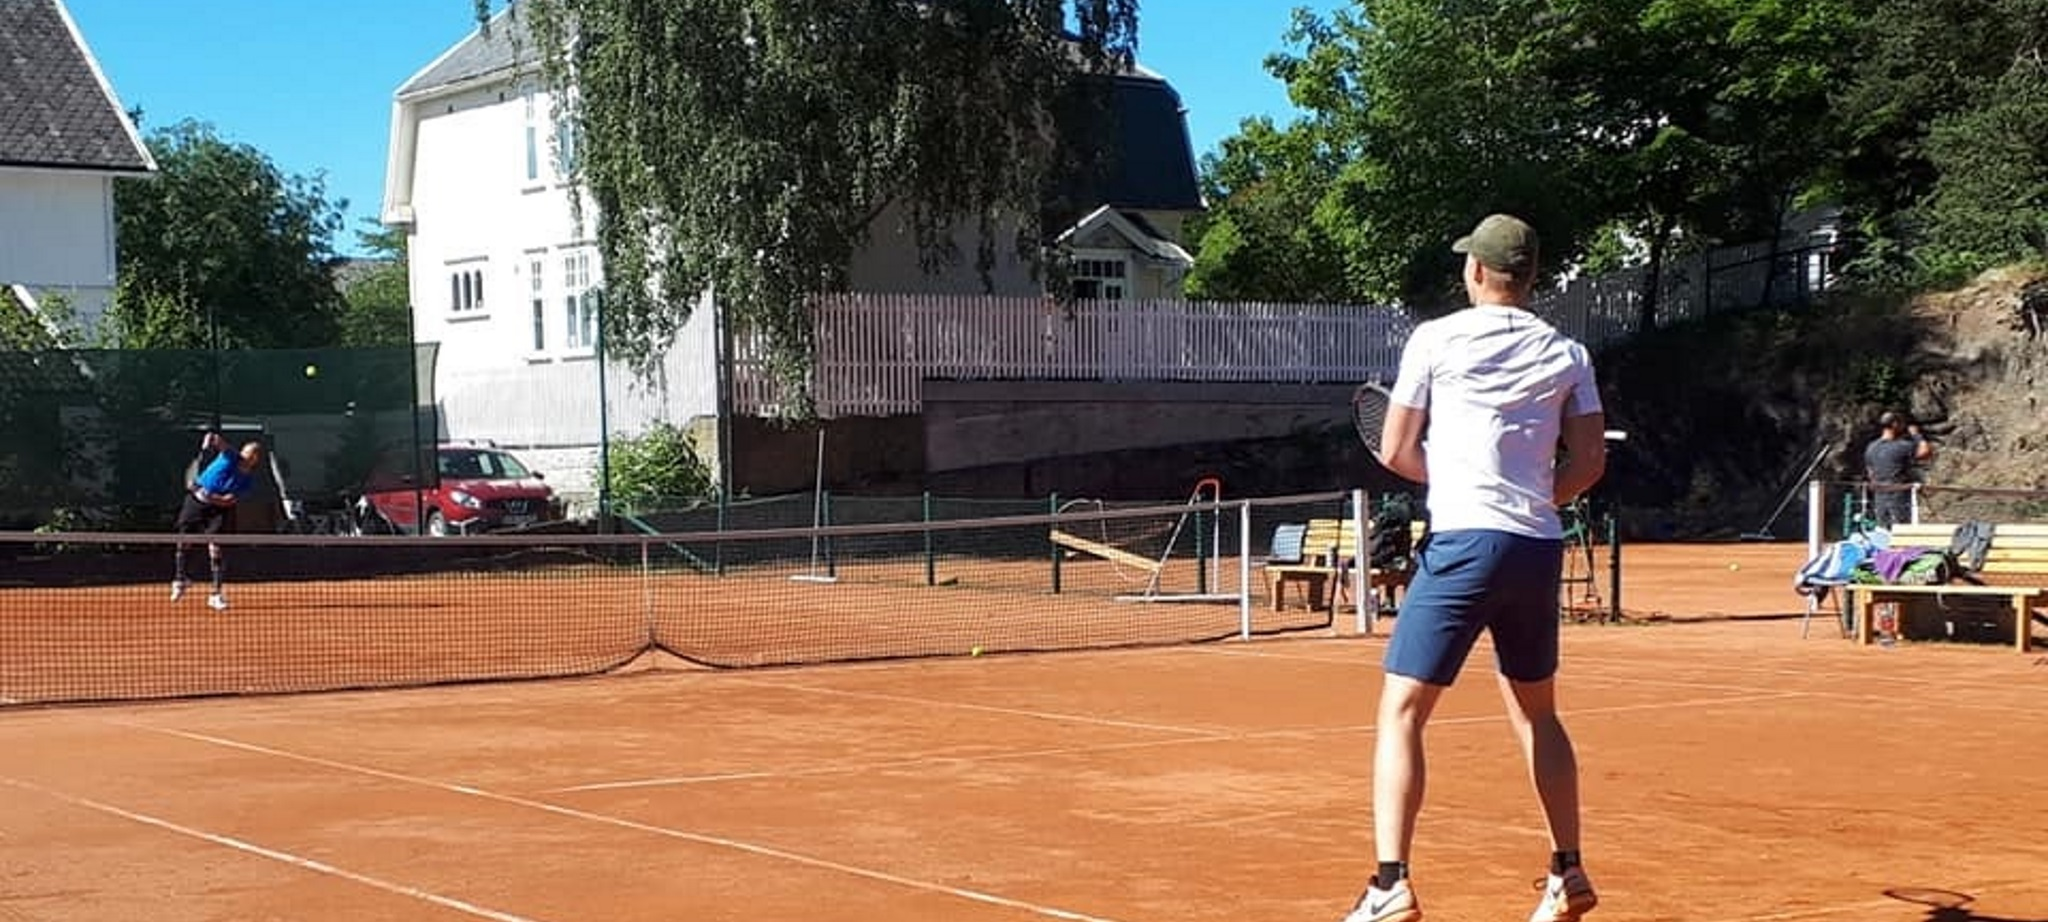 Slider 11 – Tennis